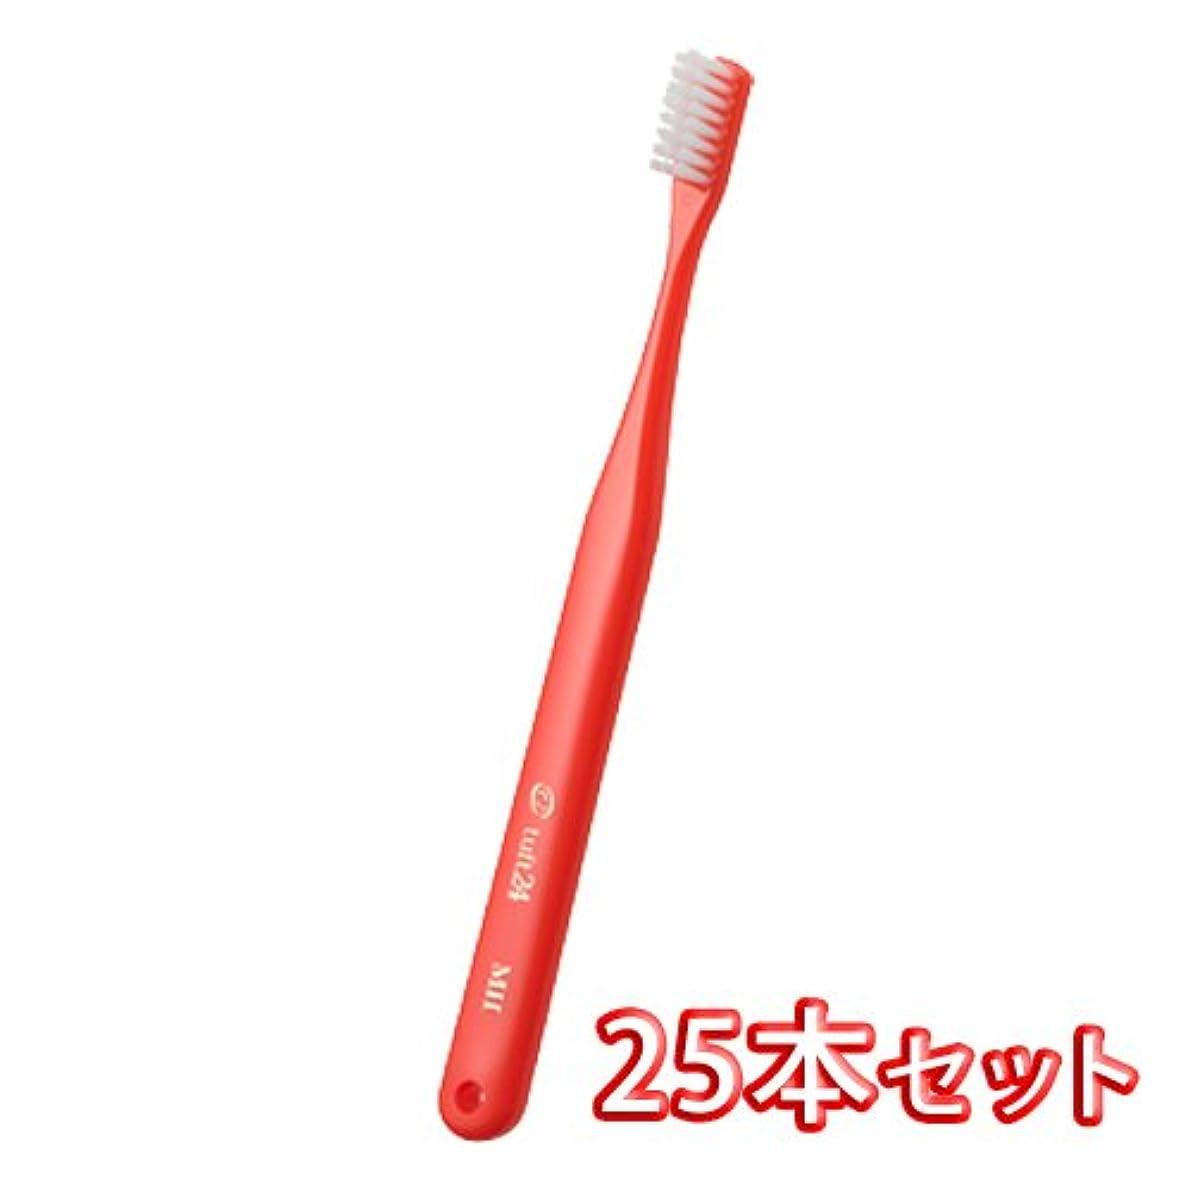 オーラルケア キャップ付き タフト 24 歯ブラシ スーパーソフト 25本 (レッド)